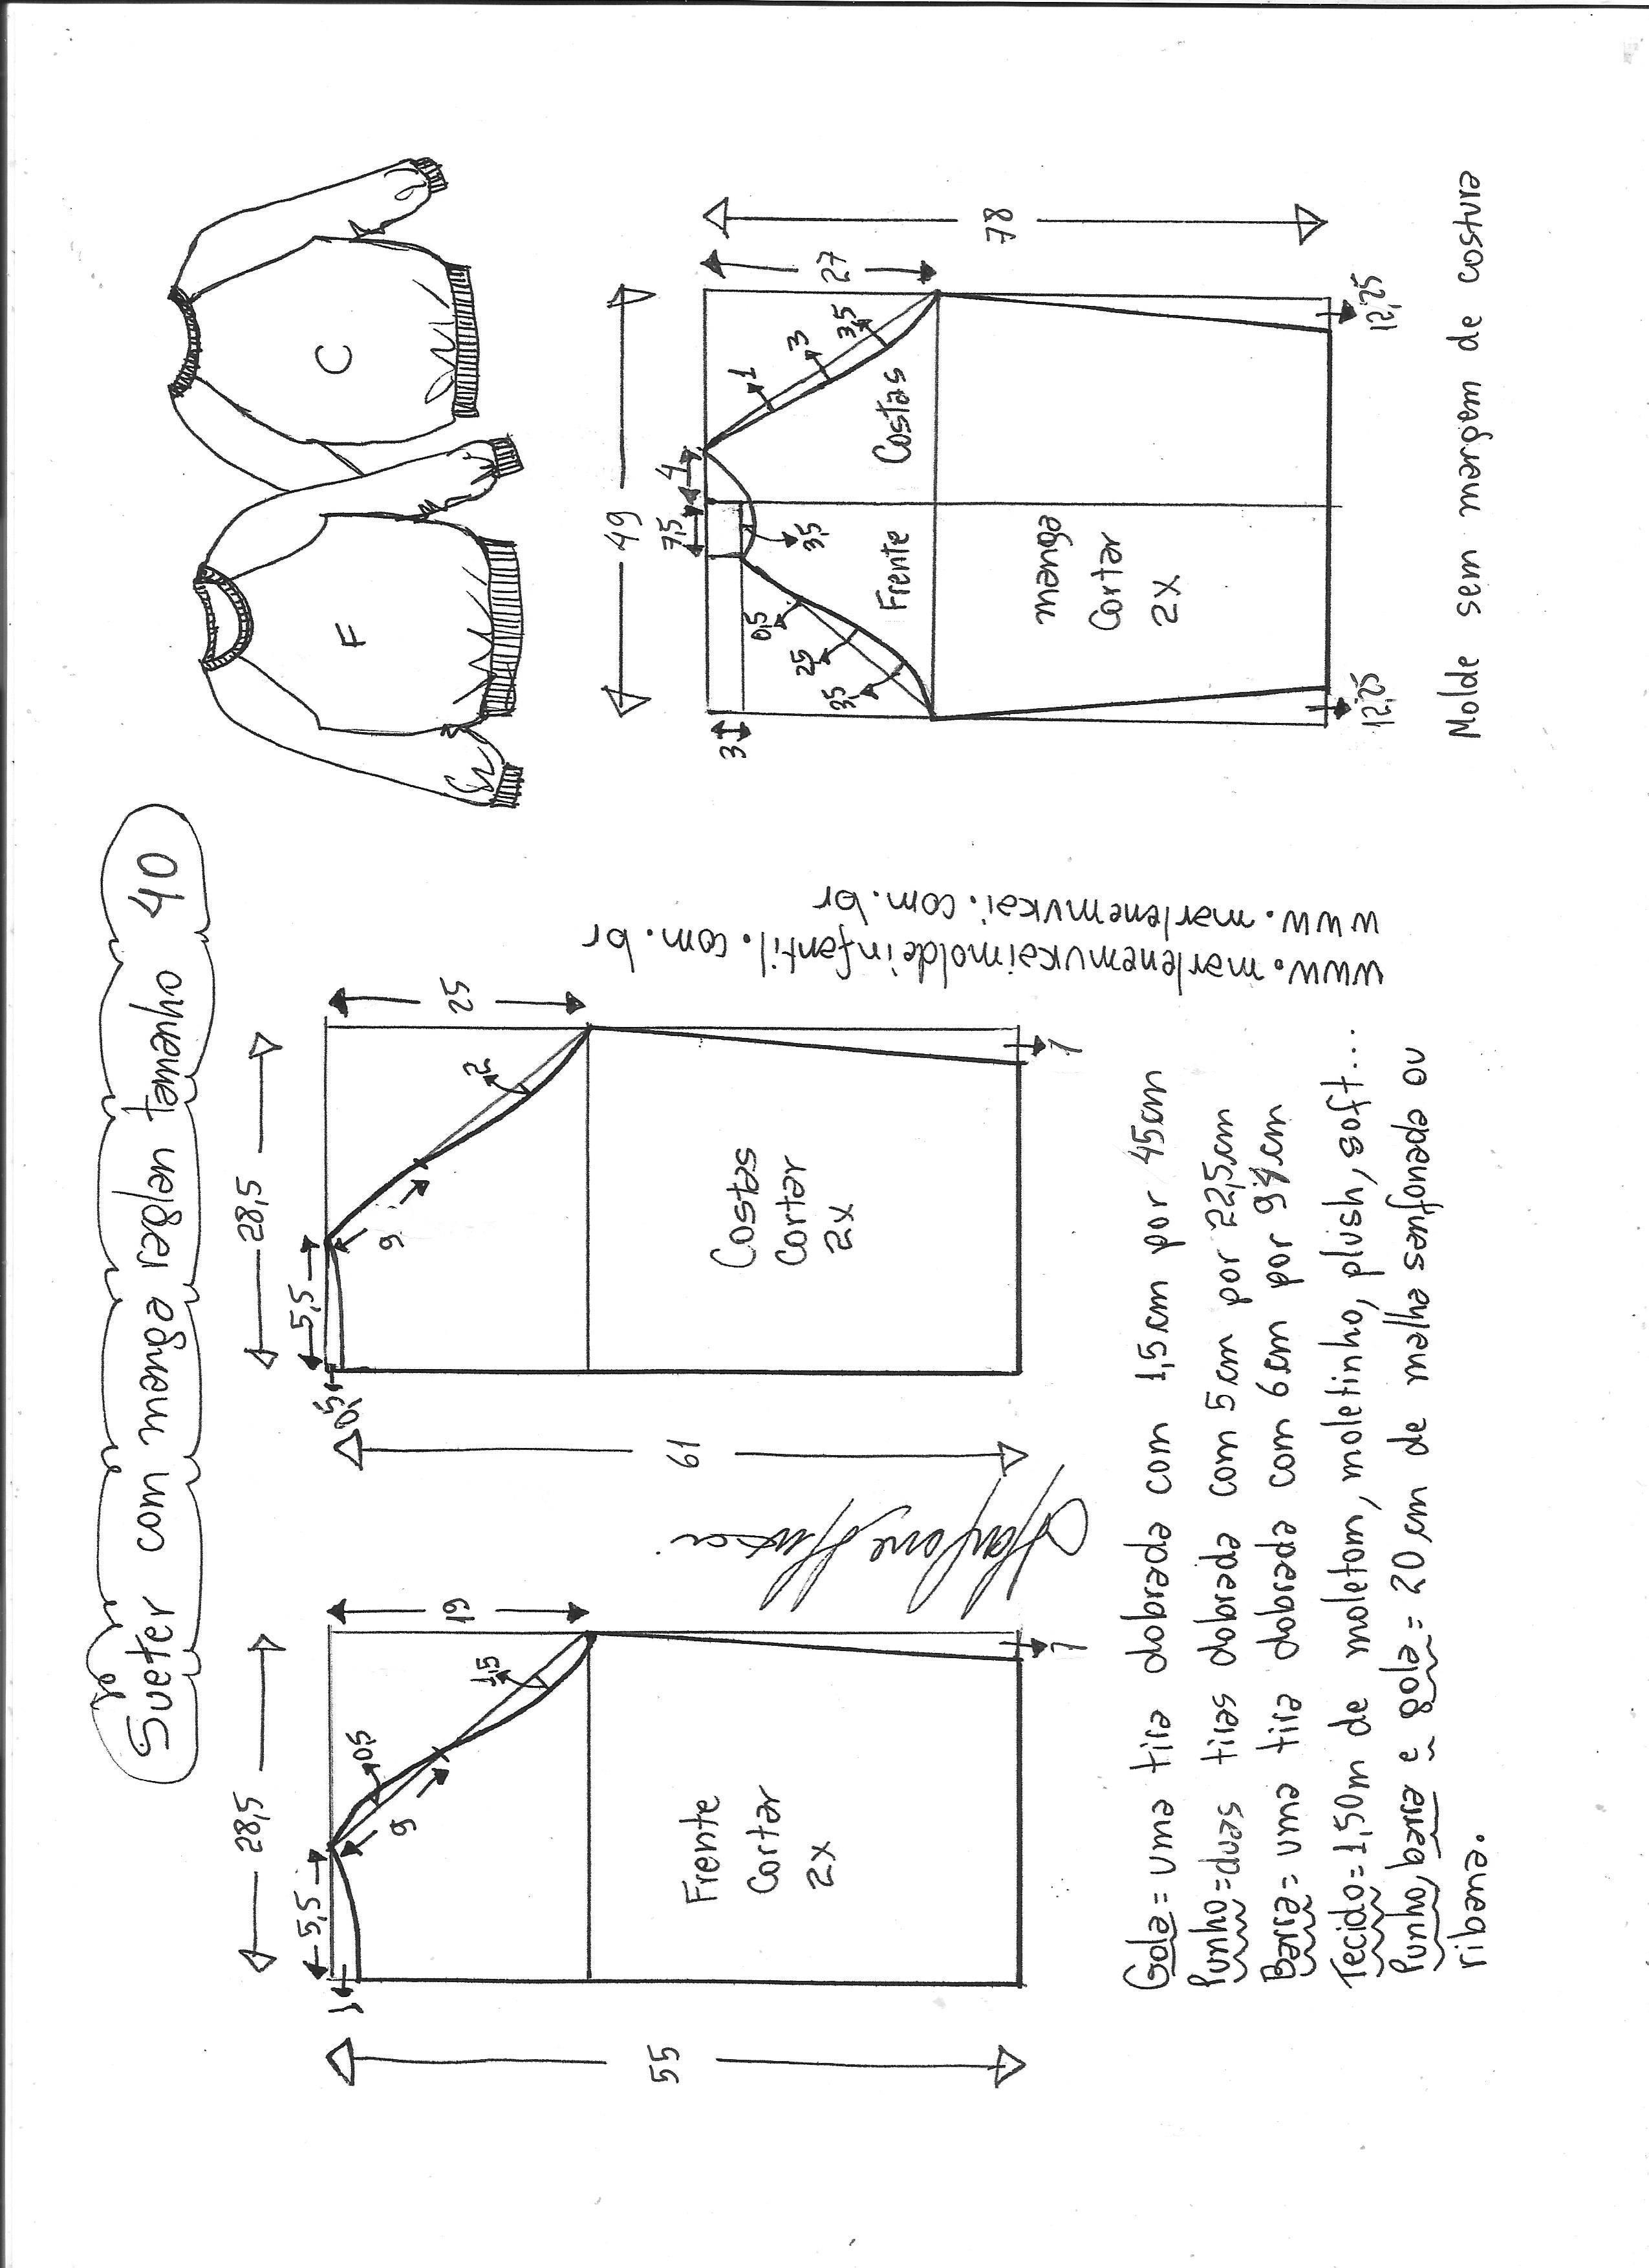 Blusa suéter raglan   Patrones, Costura y Molde